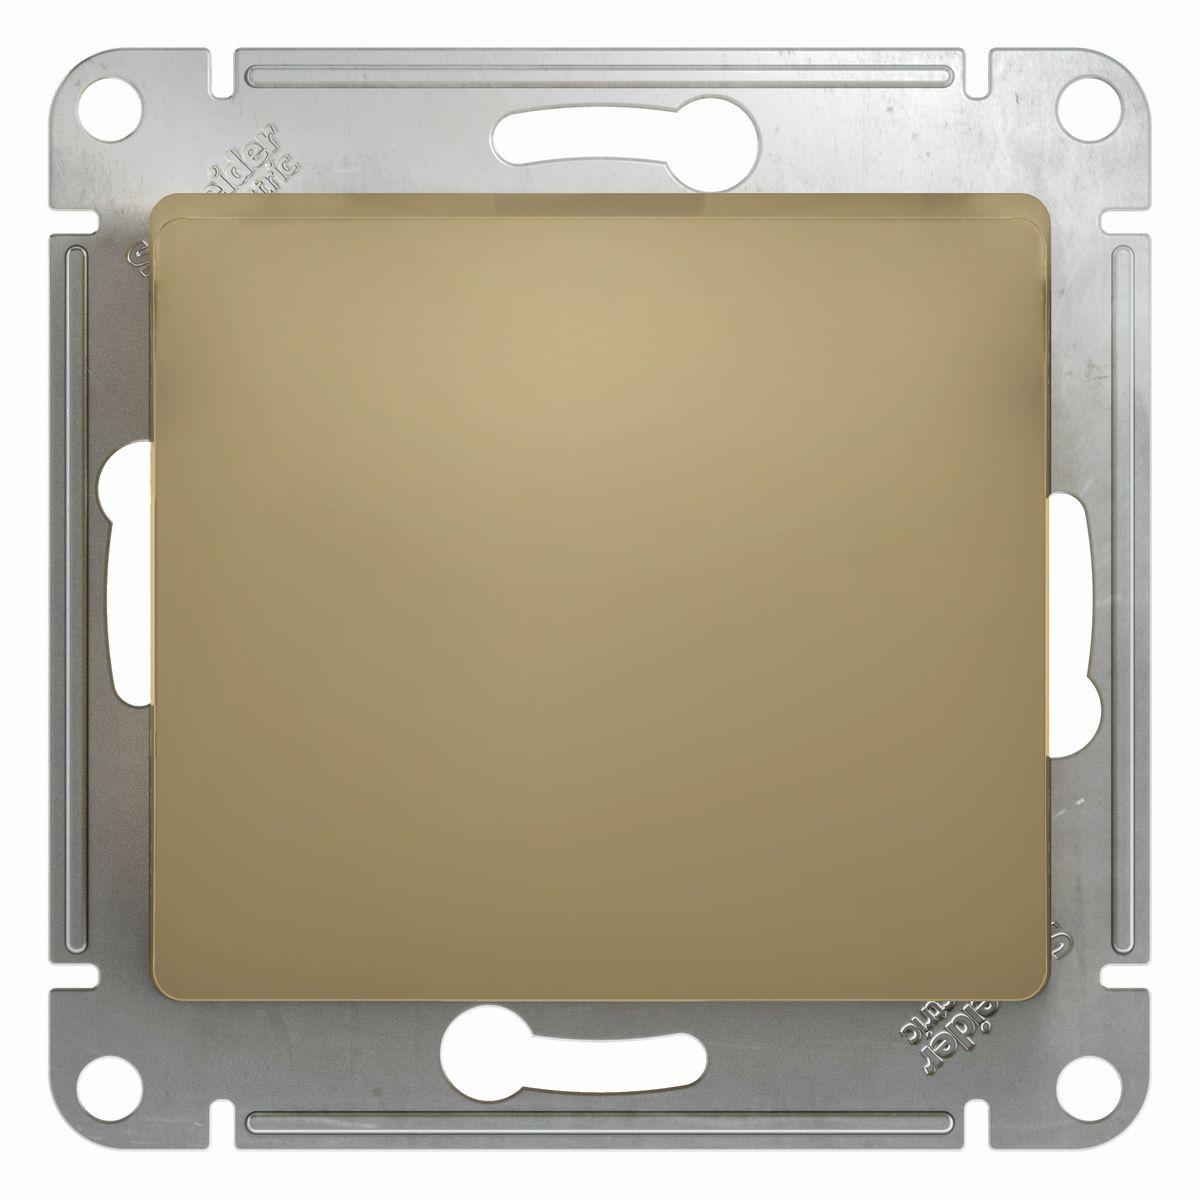 Переключатель Schneider Electric Glossa, цвет: титанGSL000461Переключатель Schneider Electric Glossa выполнен из прочного пластика и стали. Используется в осветительной технике в том случае, если необходимо включать одну люстру (другой светильник) с нескольких мест (например: из кухни, коридора, гостиной при больших проходных комнатах). Переключатель имеет специальные фиксаторы, которые не дают ему смещаться как при монтаже, так и в процессе эксплуатации. Винтовые зажимы кабеля обеспечивают надежную установку изделия к электросети с помощью отвертки.